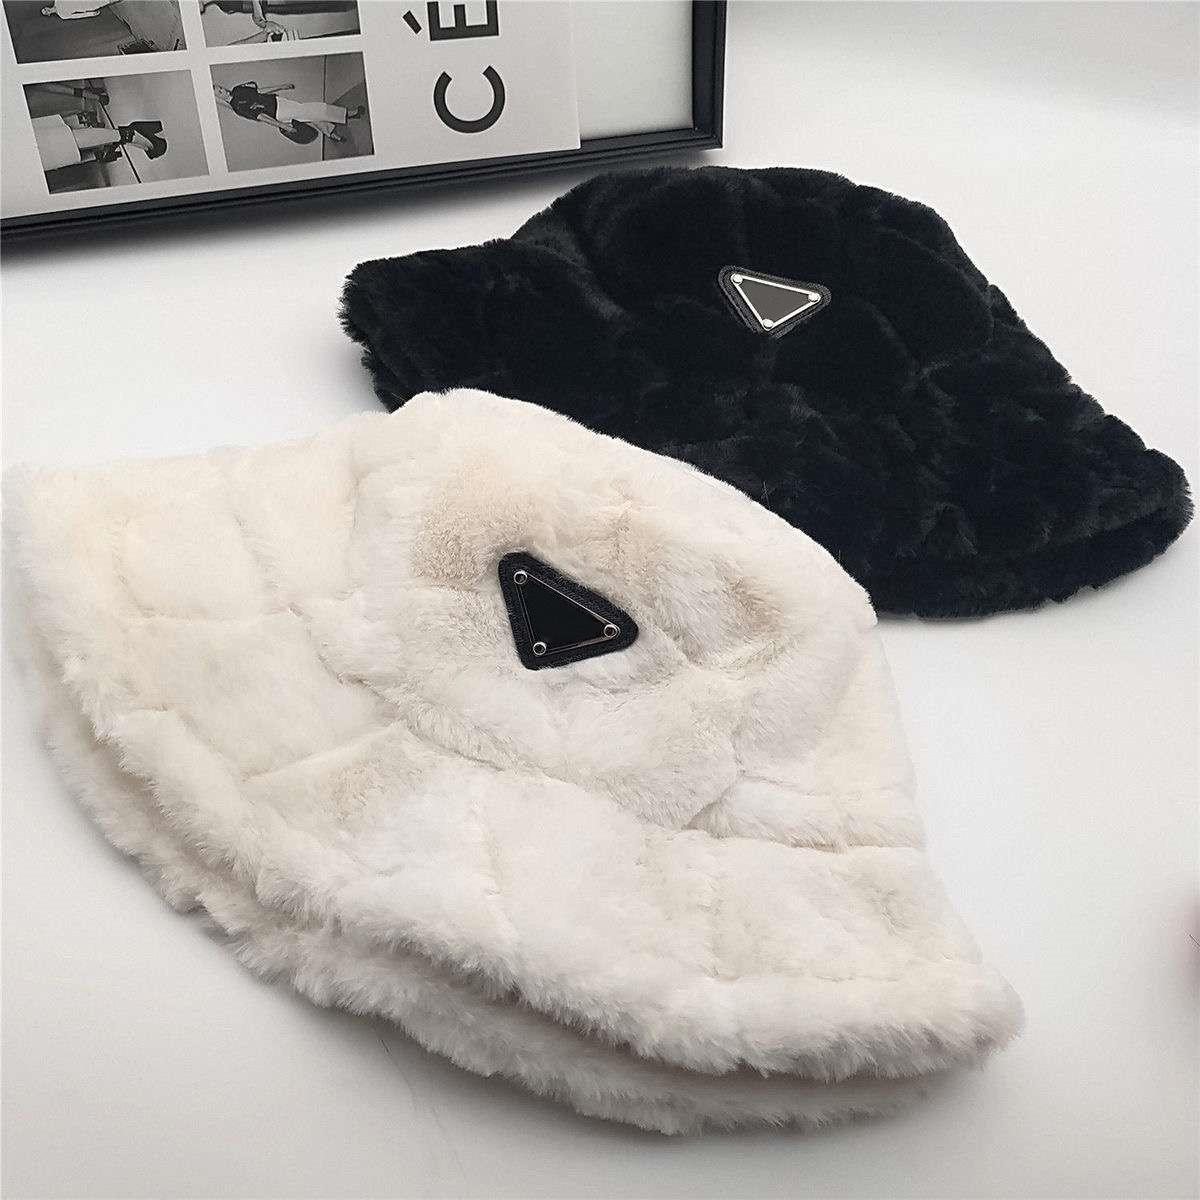 الشتاء الدافئة دلو قبعة قبعة أزياء بخيل بريم القبعات تنفس عارضة القبعات القبعات قبعة casquette 4 لون عالية الجودة